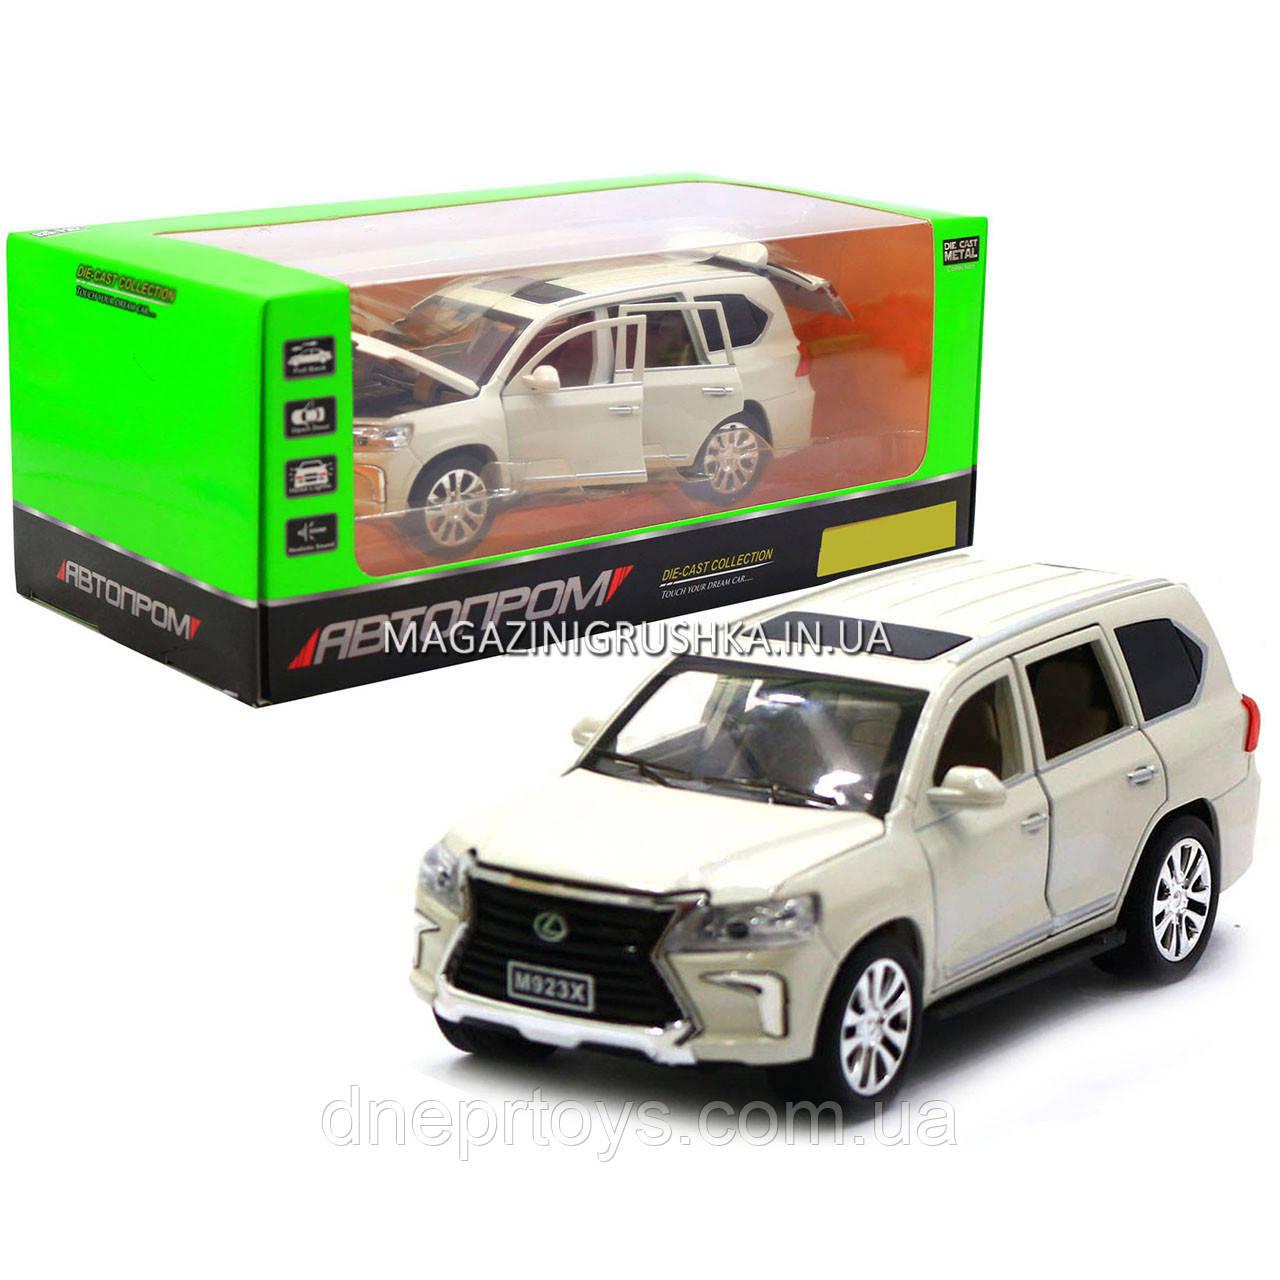 Машинка игровая автопром «Lexus LX570» Лексус джип, металл, 18 см, Белый (свет, звук, двери открываются) 7691